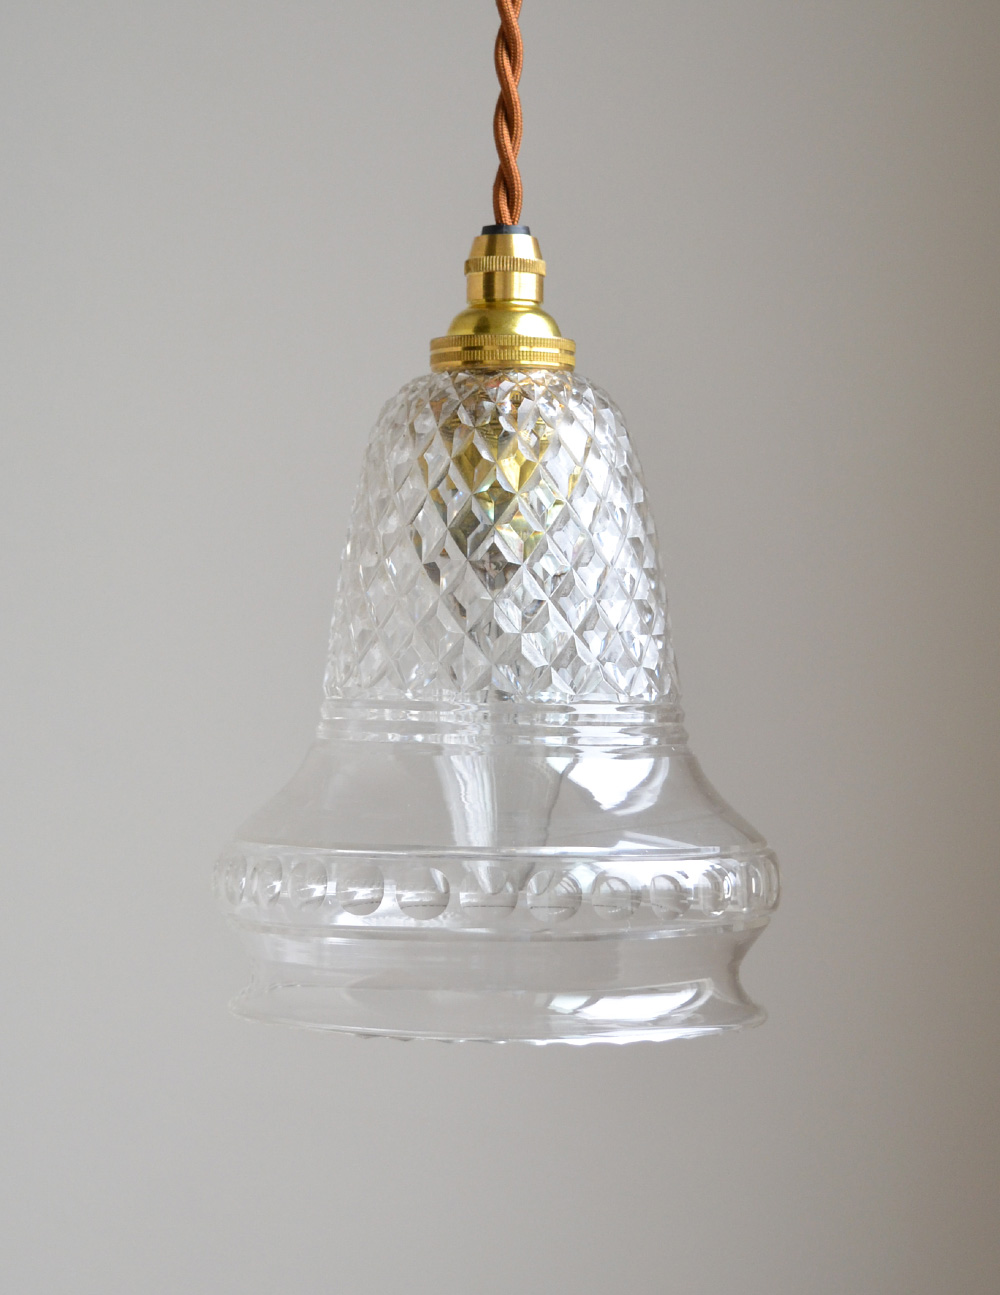 形も模様も美しいガラスシェード、アンティークのペンダントライト(コード・シャンデリア球・ギャラリーなし) (k-1740-z)